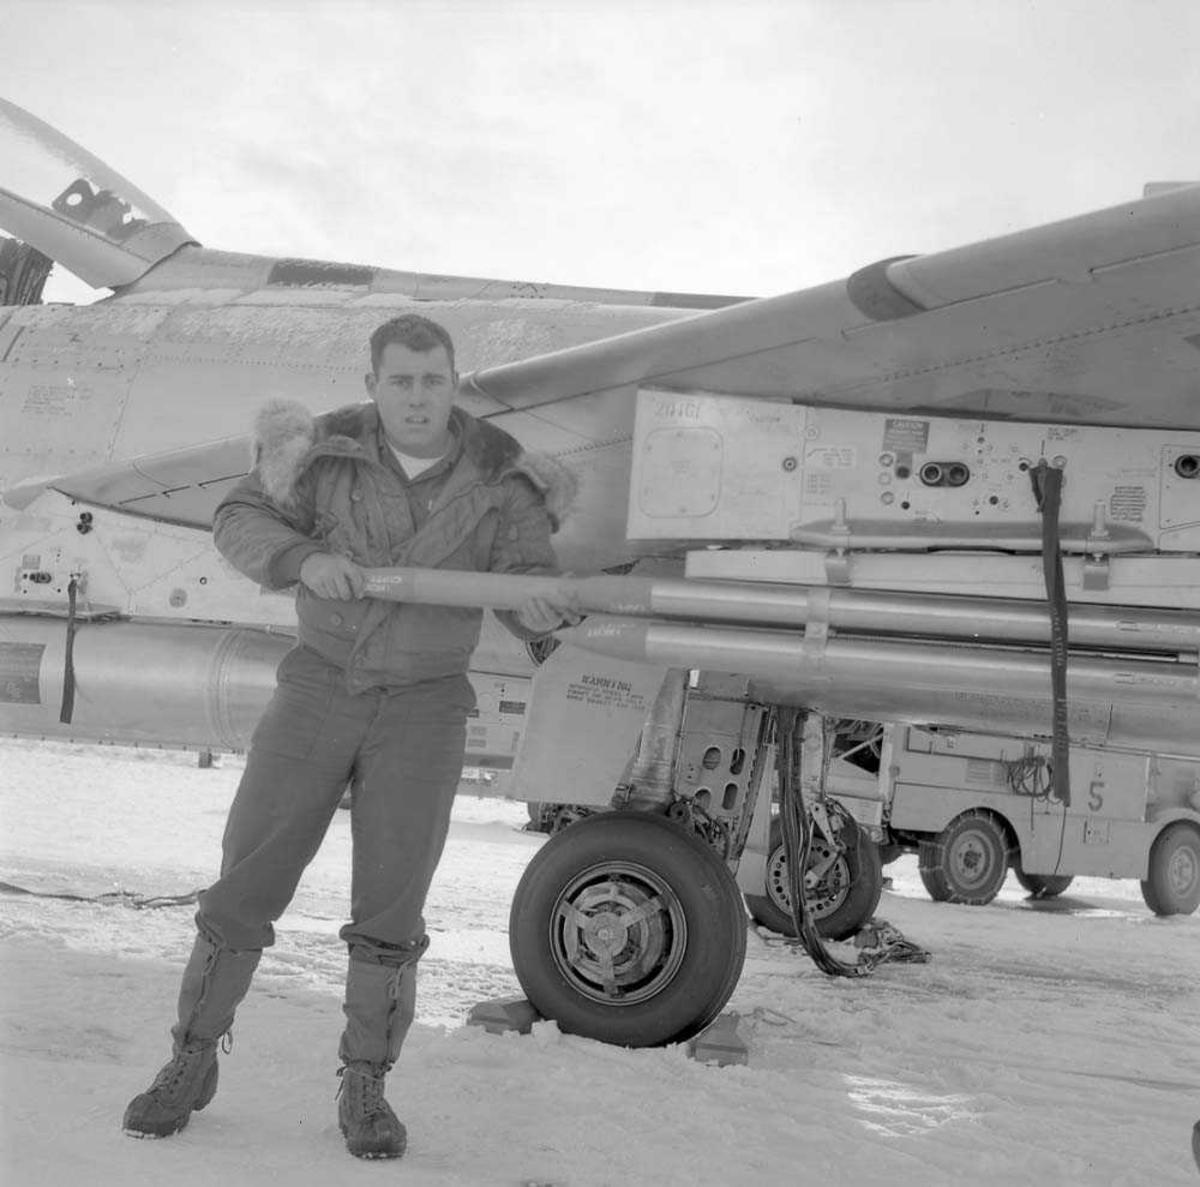 Rakettpod på jagerflyet F-100, Super Sabre, tilhører U.S. Airforce, som besøker Bodø flystasjon.